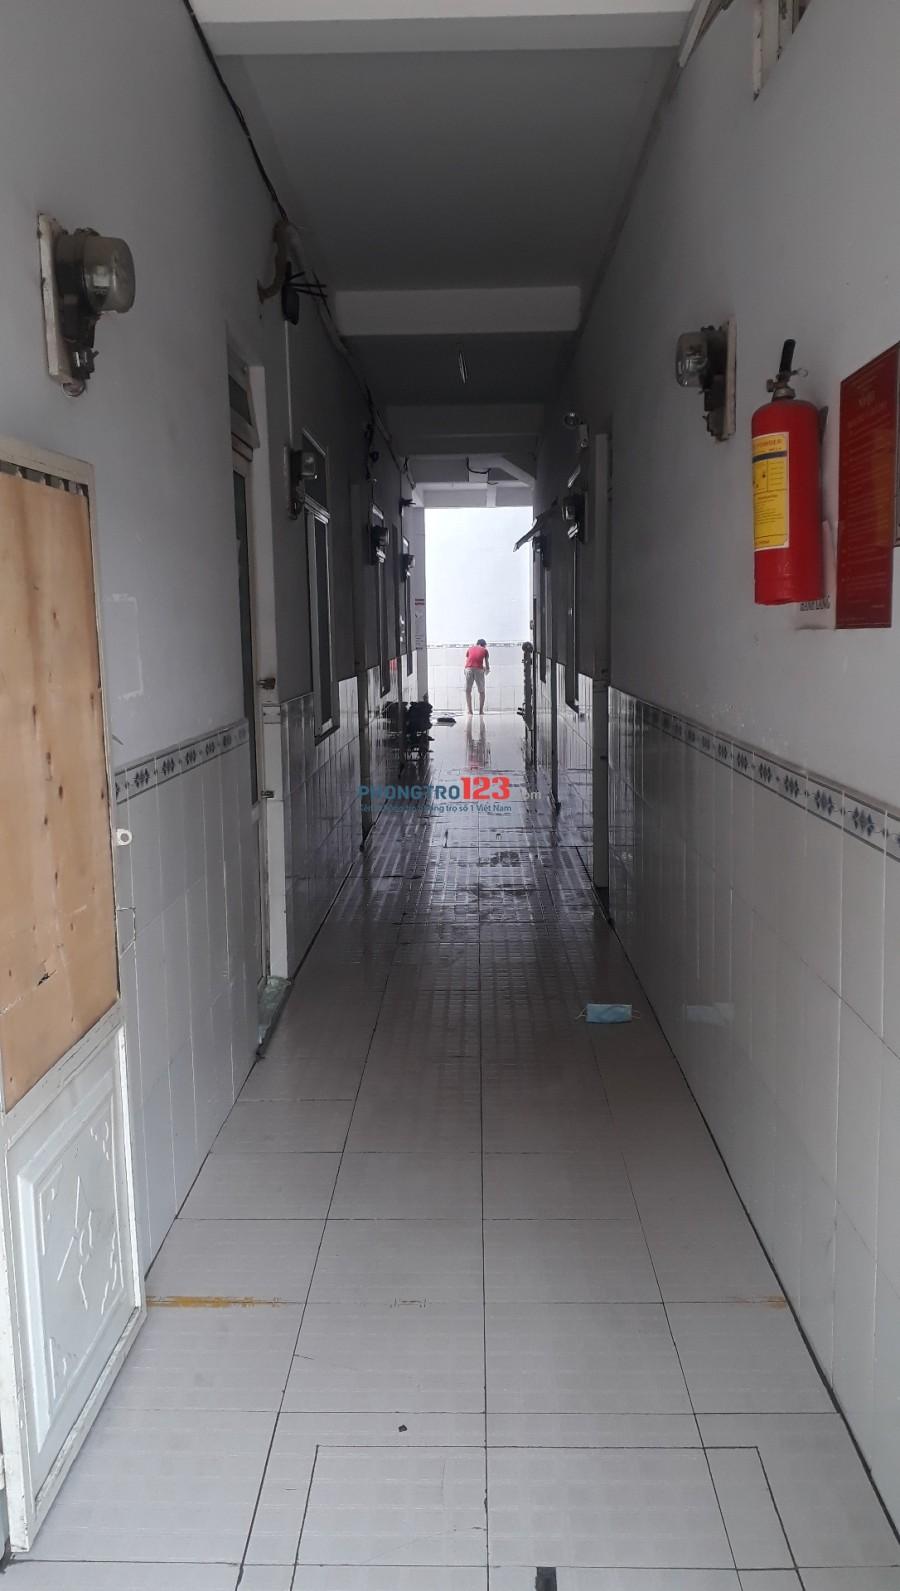 Phòng trọ trệt đường Xô Viết Nghệ Tĩnh, Bình Thạnh